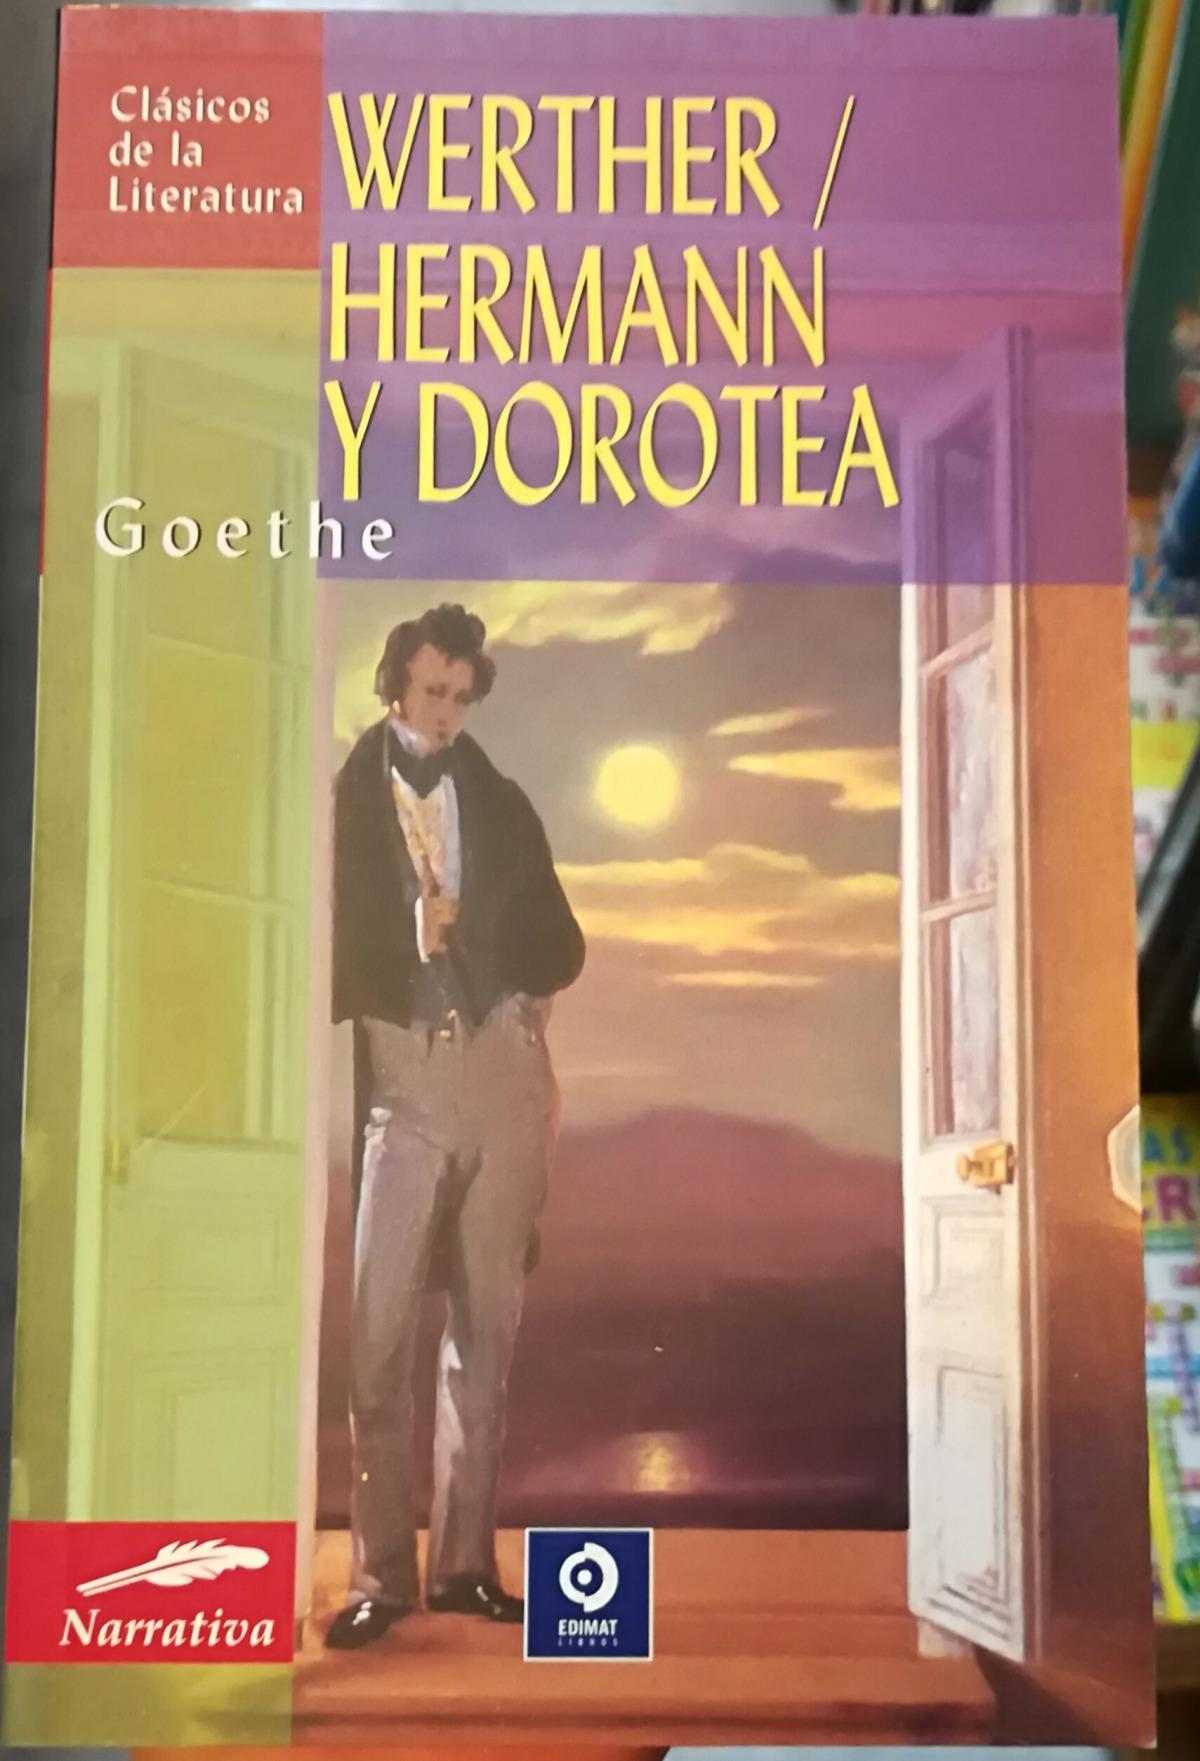 Werther / Herman y Dorotea